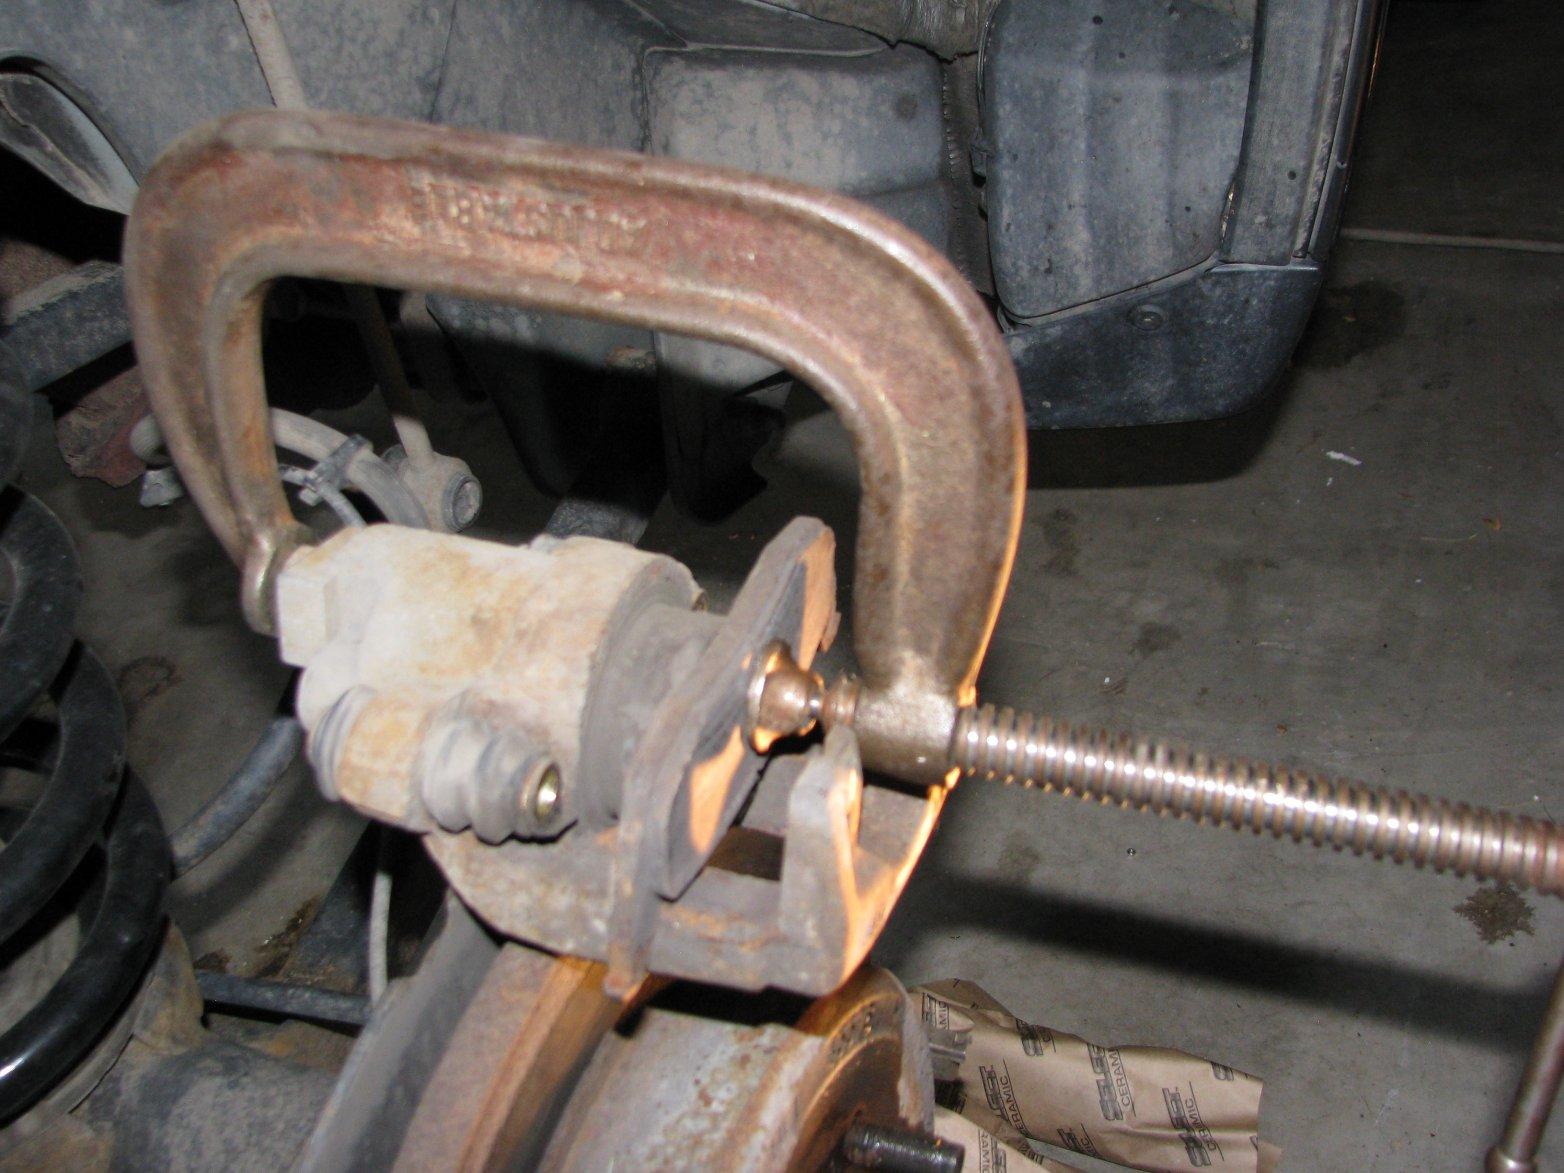 rear-brake-rotor-job-jul-12-12-.jpg